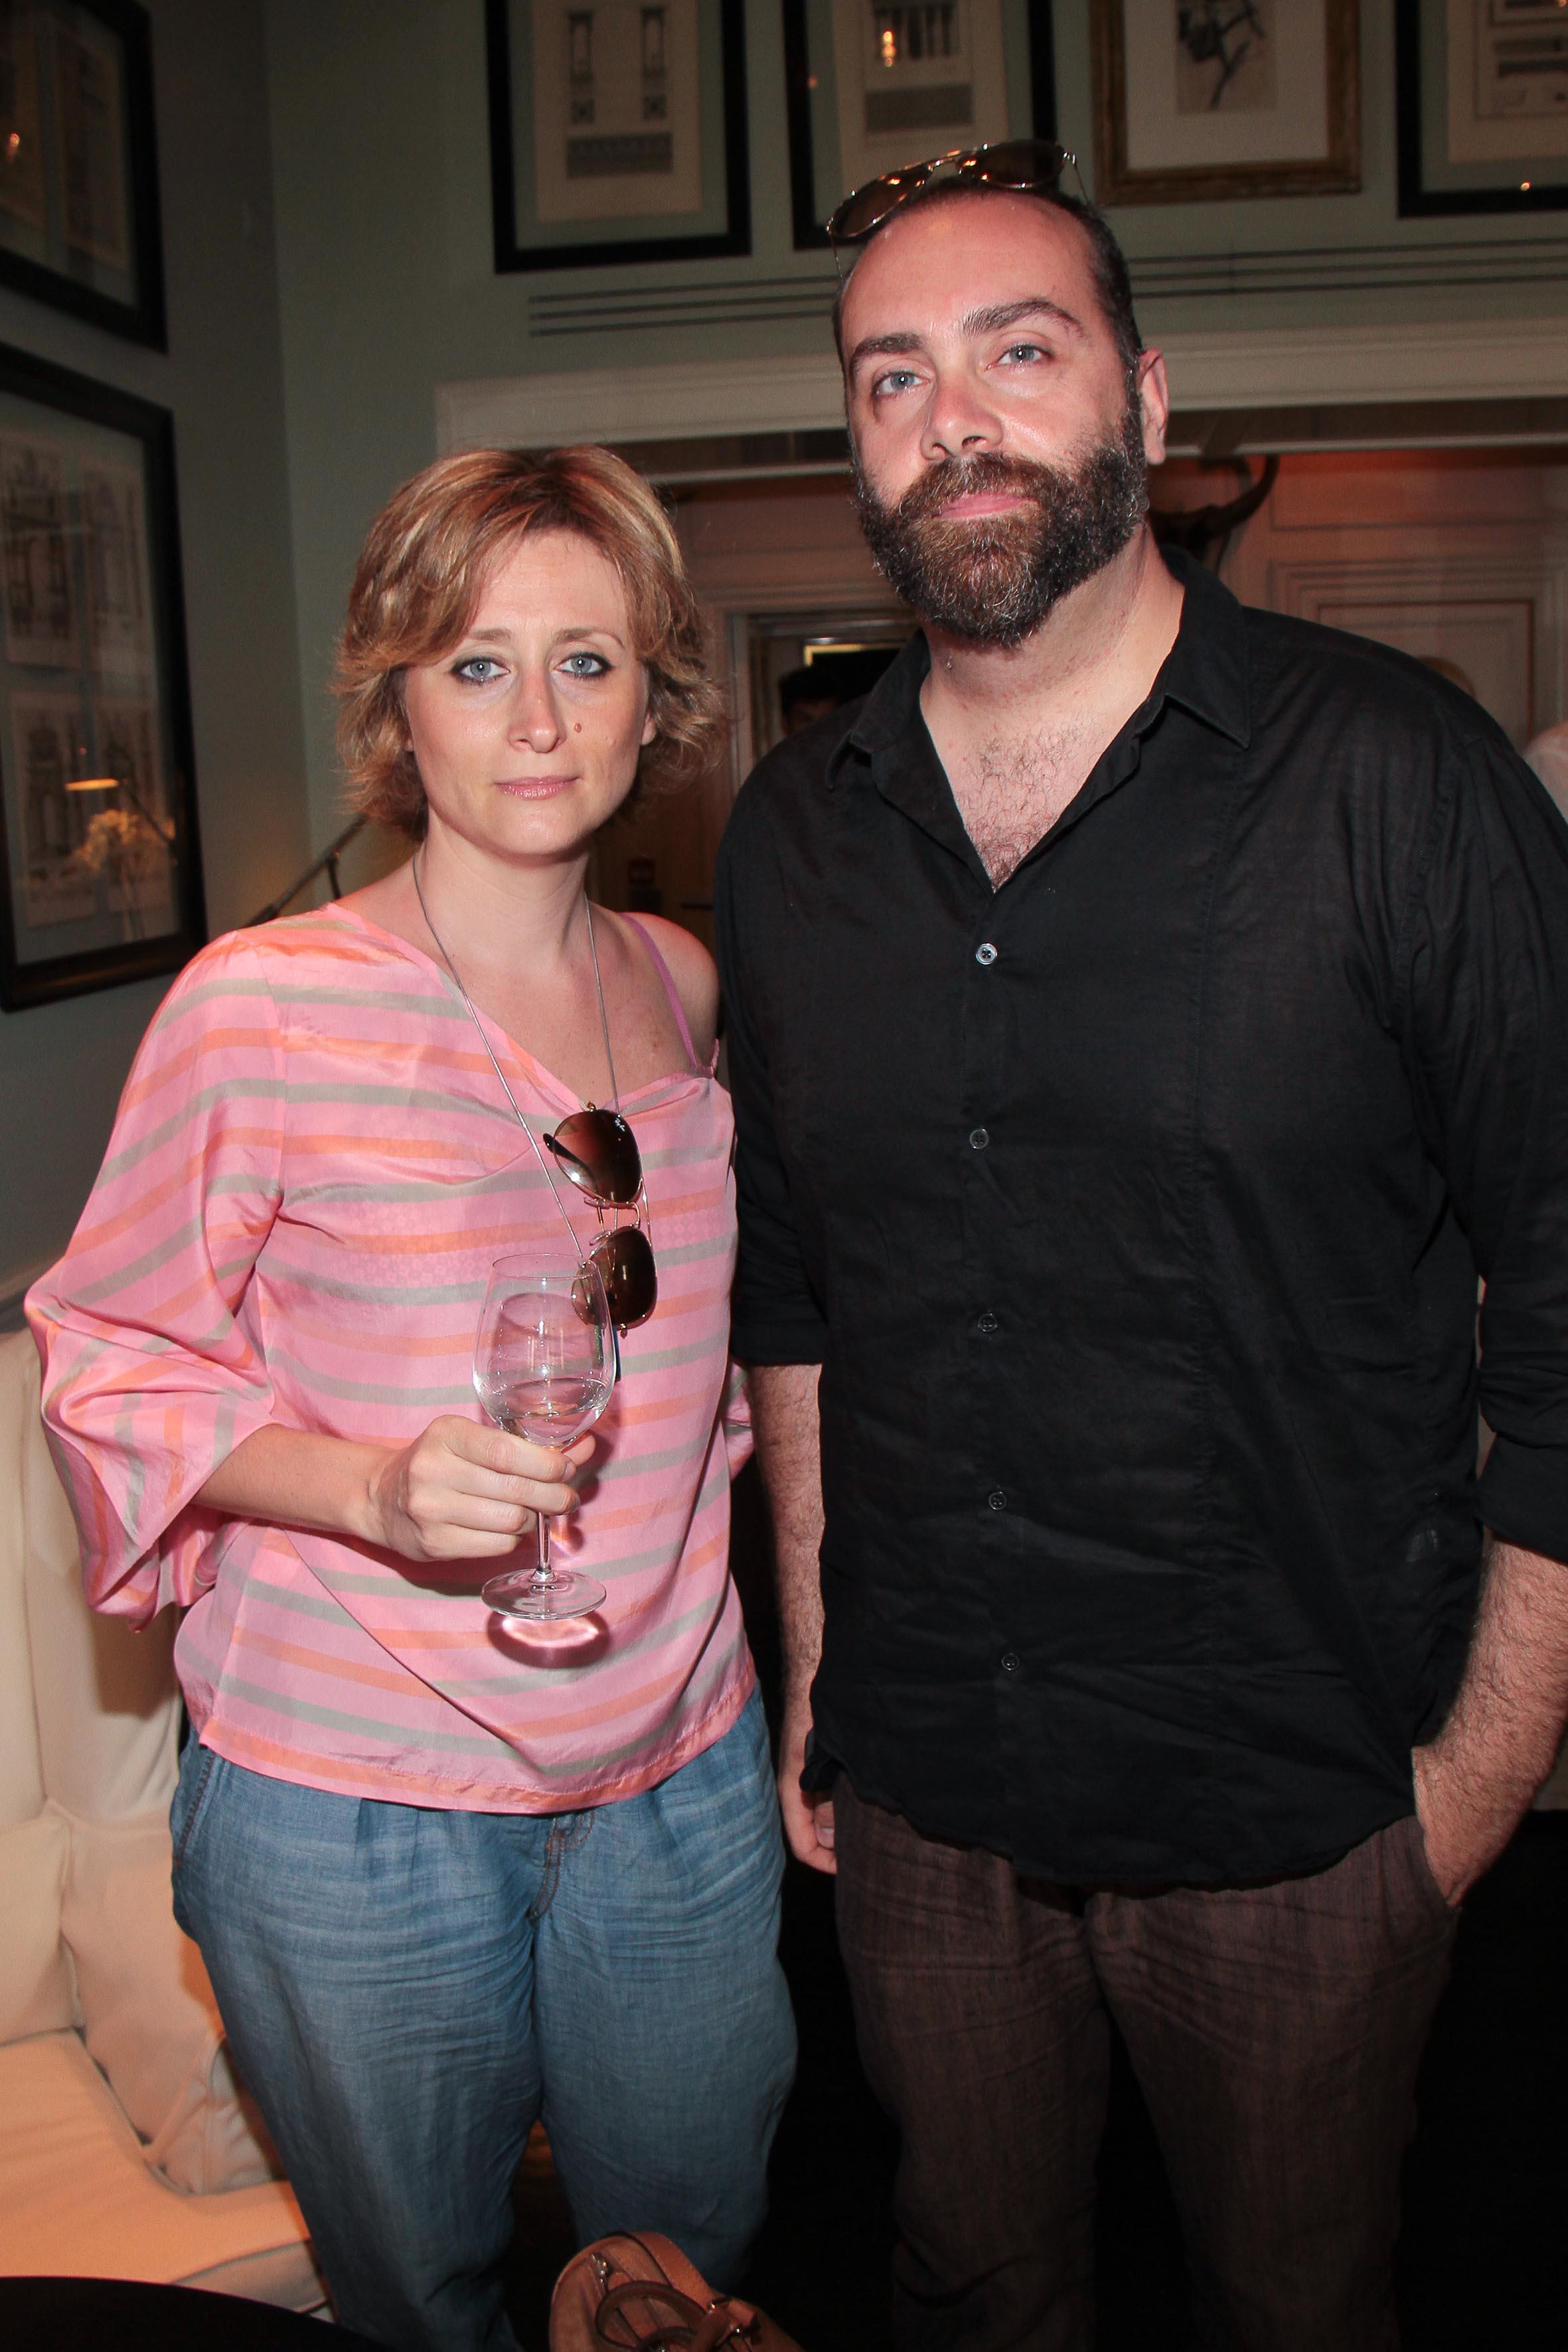 PRESSPHOTO Firenze, JK Place, Toscana Sommelier. Nella foto Sandra Salvato e Riccardo Brizzi giuseppe cabras/new press photo